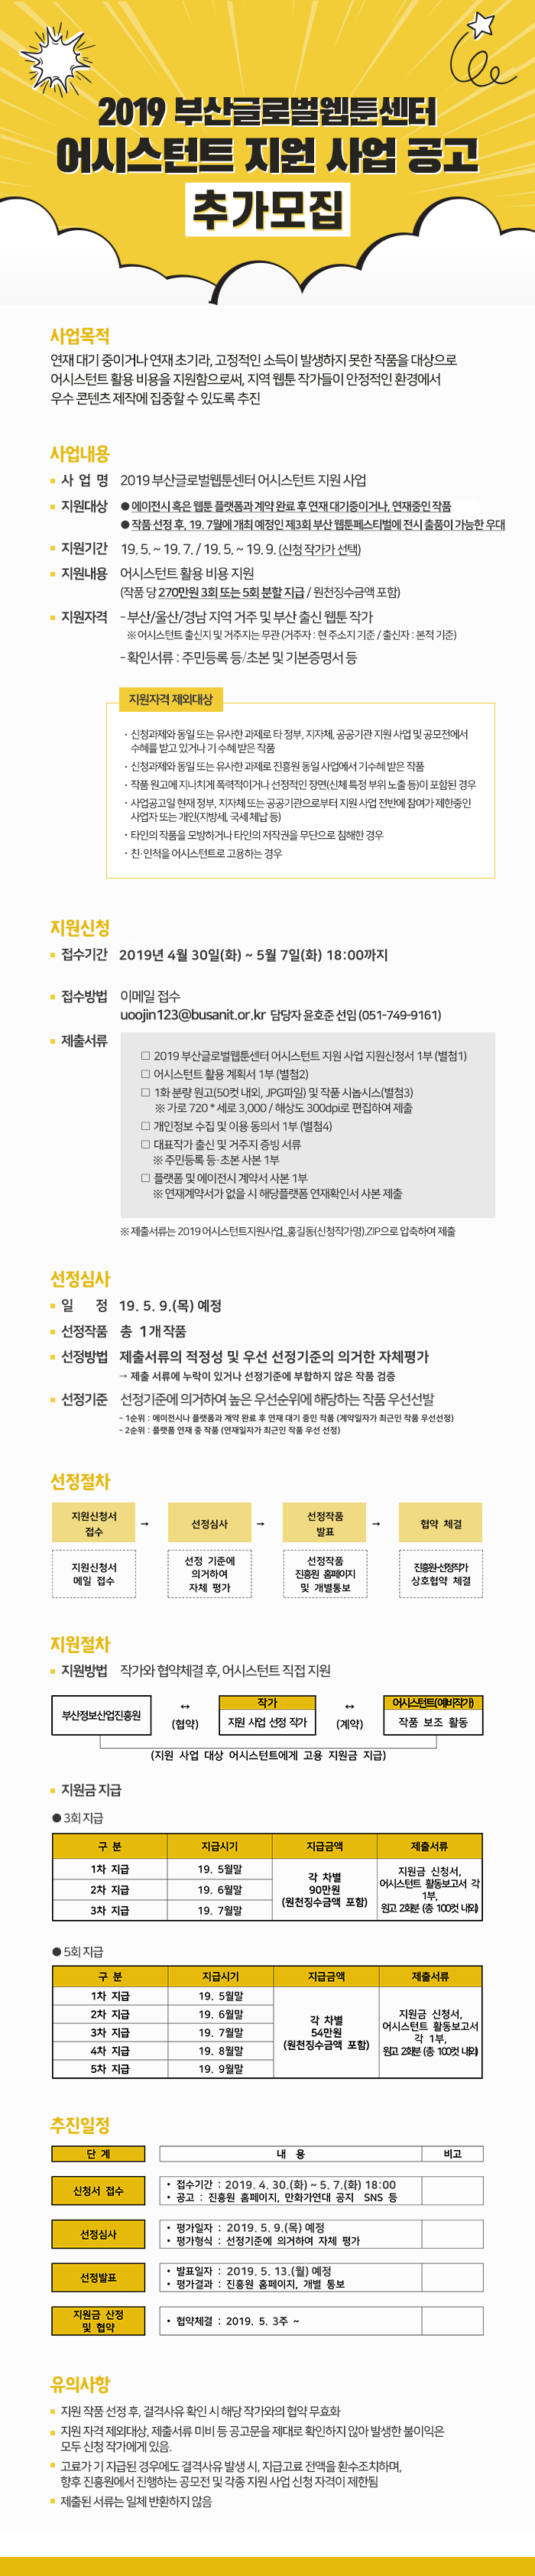 2019 부산글로벌웹툰센터 어시스턴트 지원사업 추가모집 공고